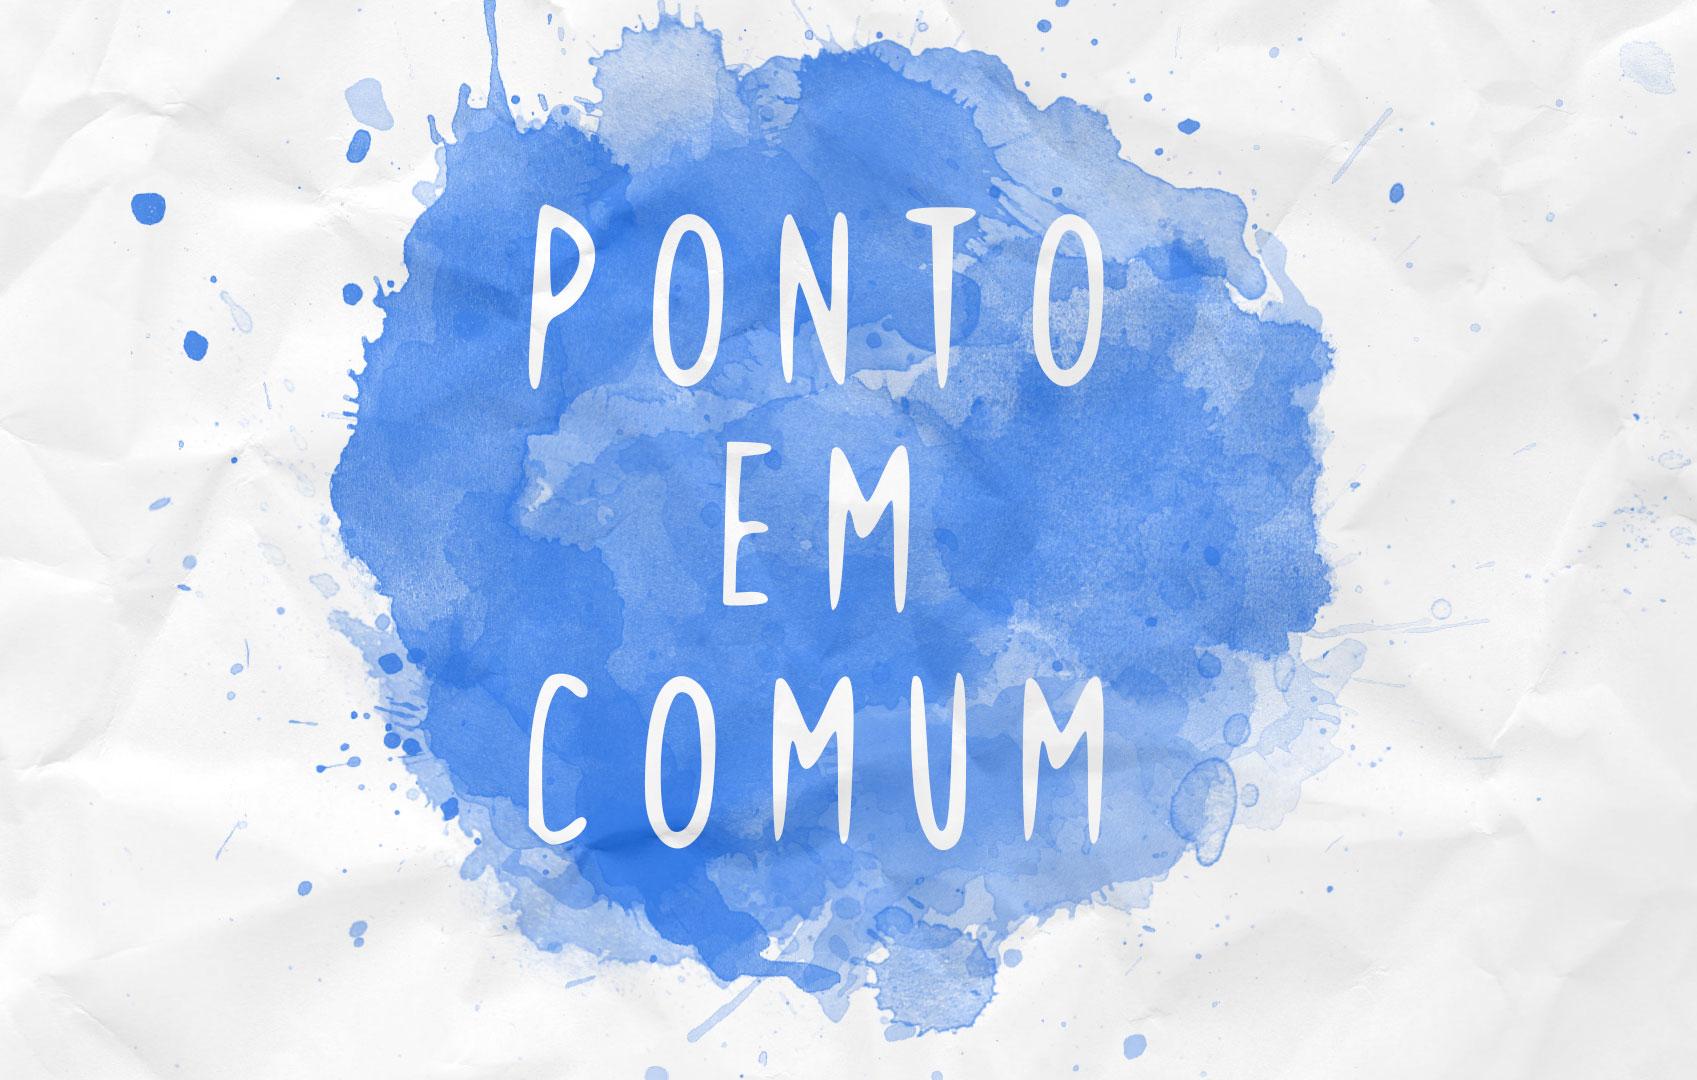 logopontoemcomum2